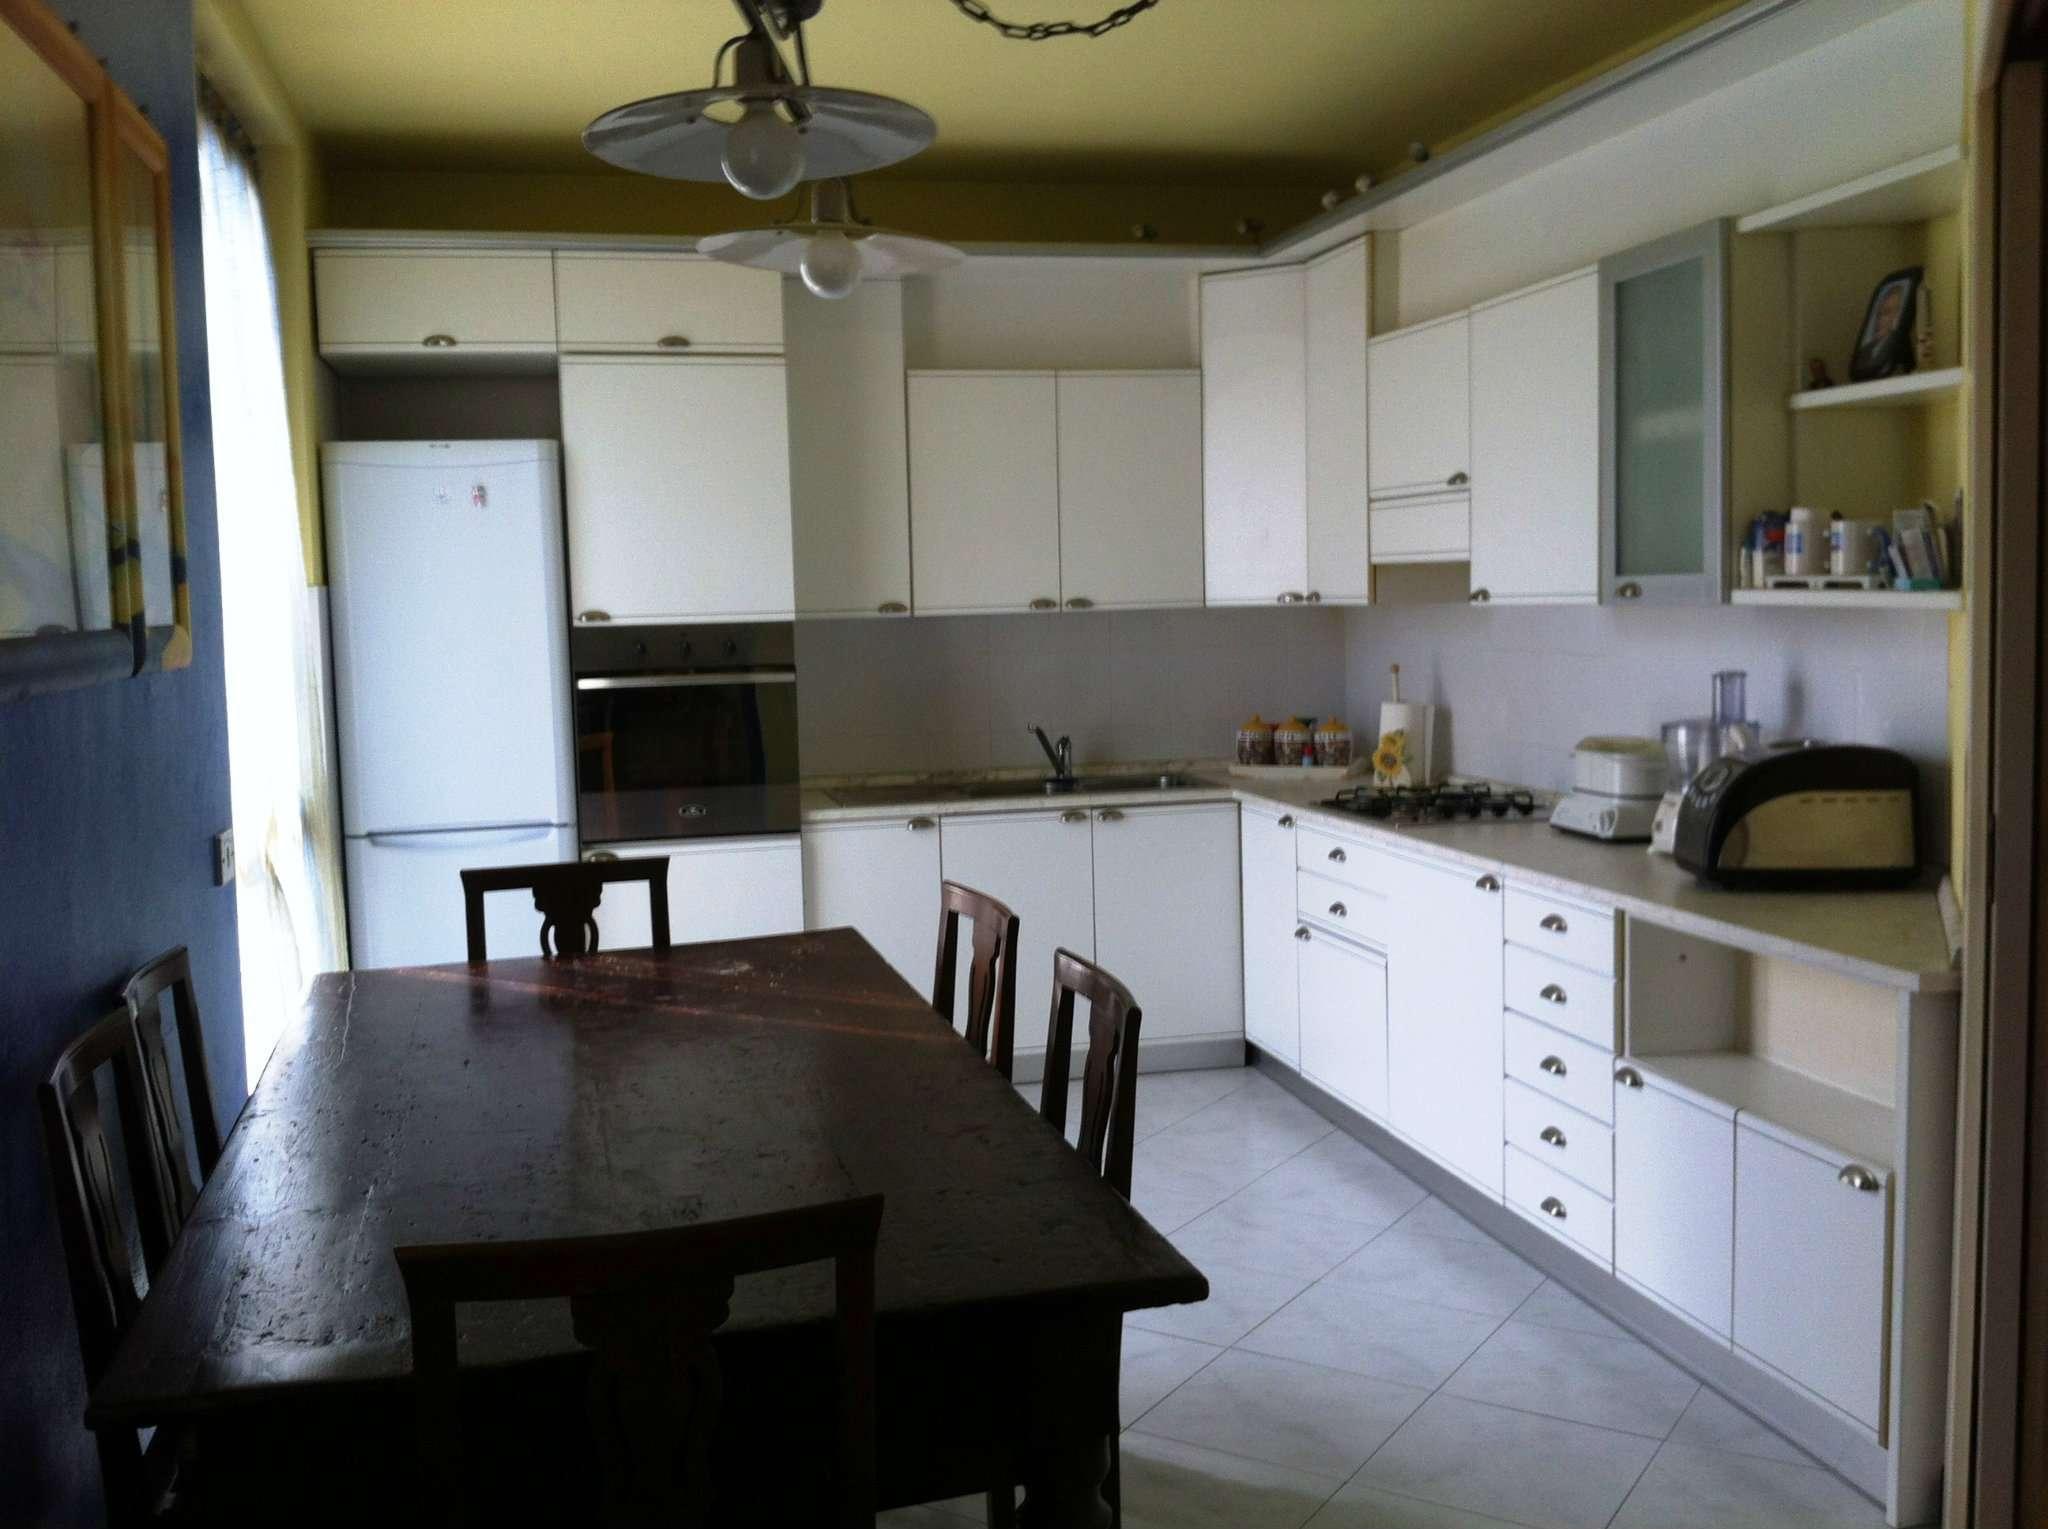 Villa Bifamiliare in vendita a Bariano, 3 locali, prezzo € 160.000 | Cambio Casa.it